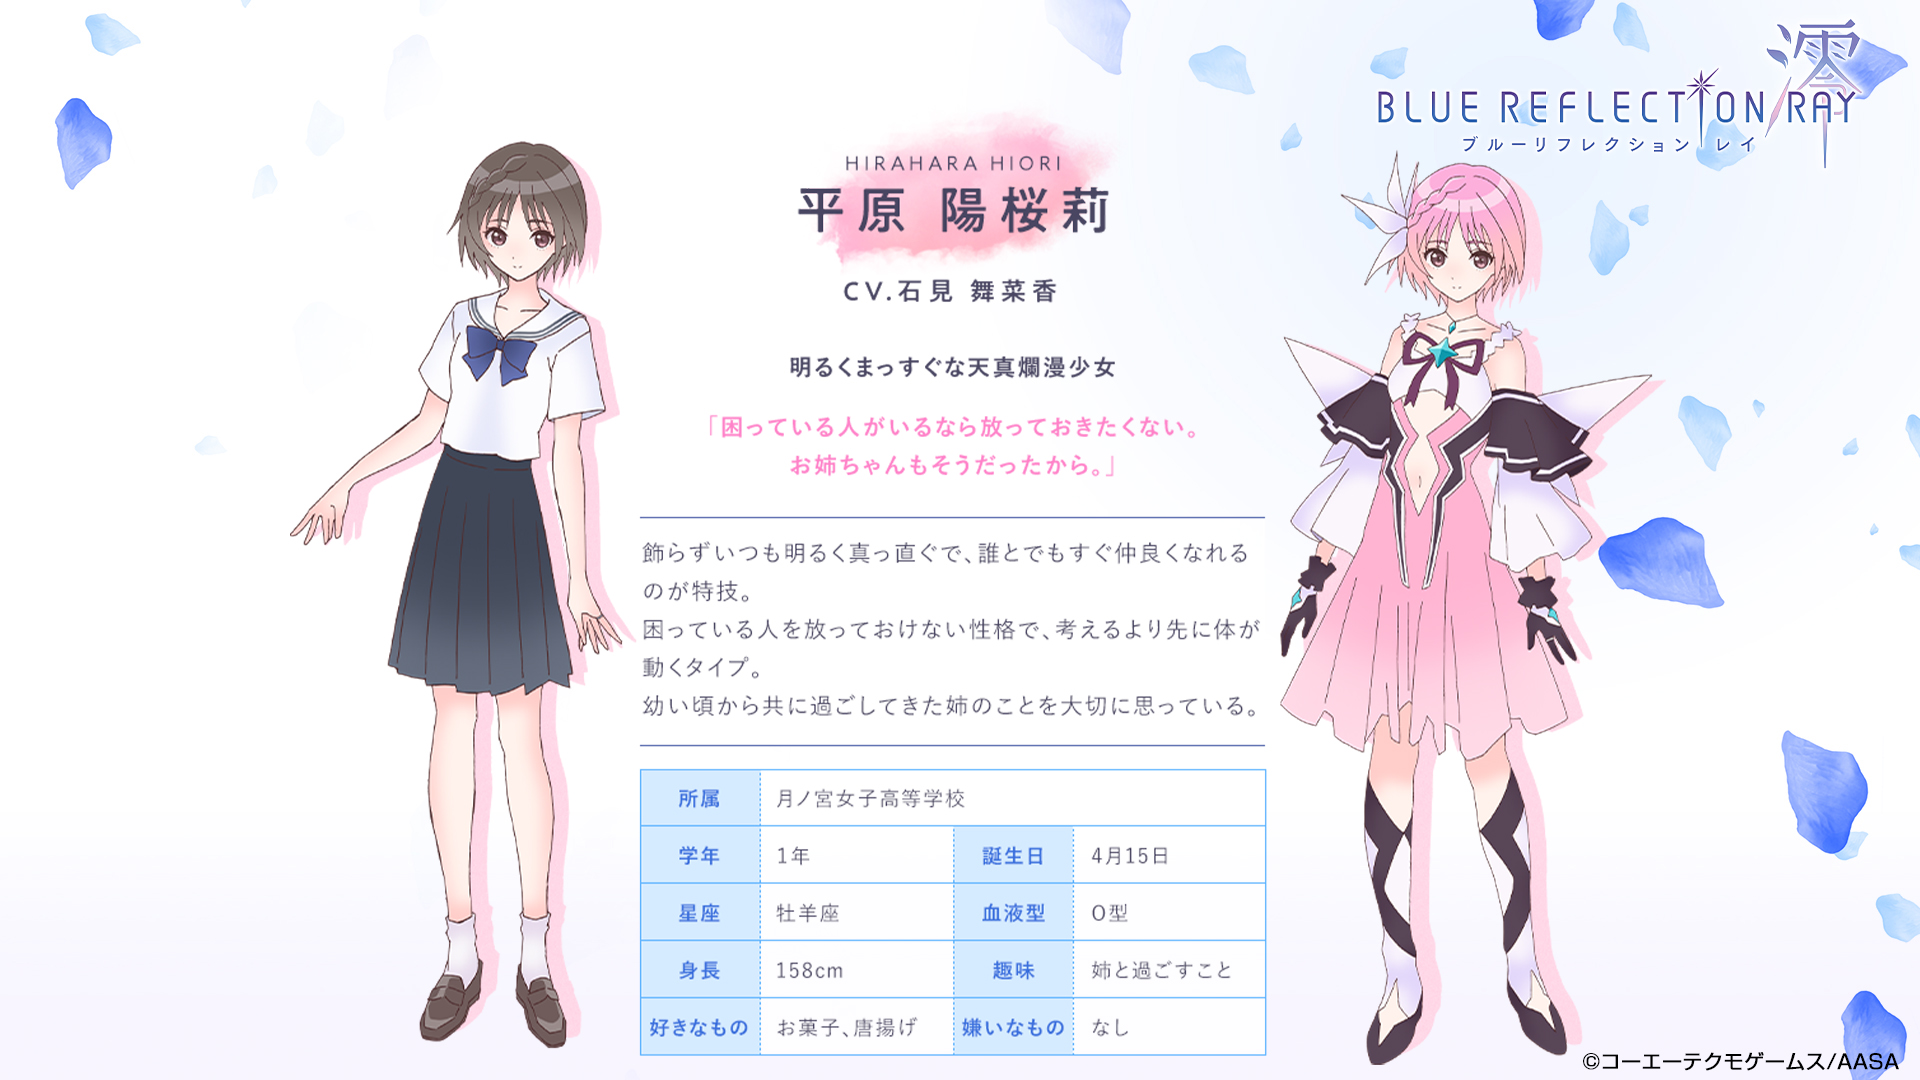 Un escenario de personajes de Hiori Hirahara, una chica de secundaria con cabello corto y gris que está vestida con su uniforme escolar del próximo anime BLUE REFLECTION RAY / Mio TV.